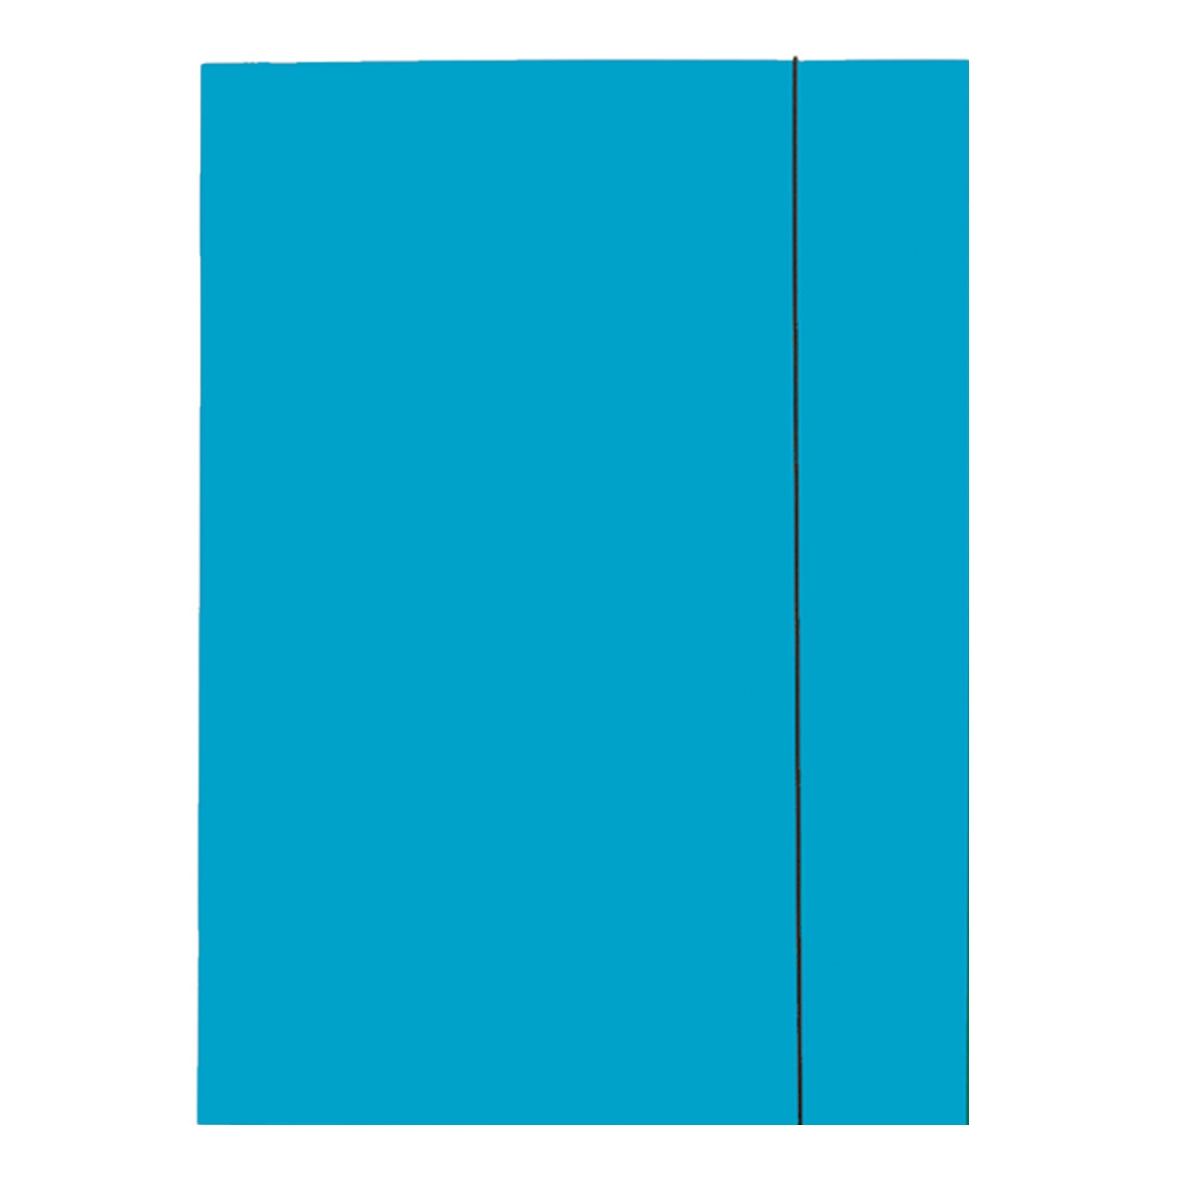 Mapa Esselte Economy din carton, cu elastic, albastru deschis